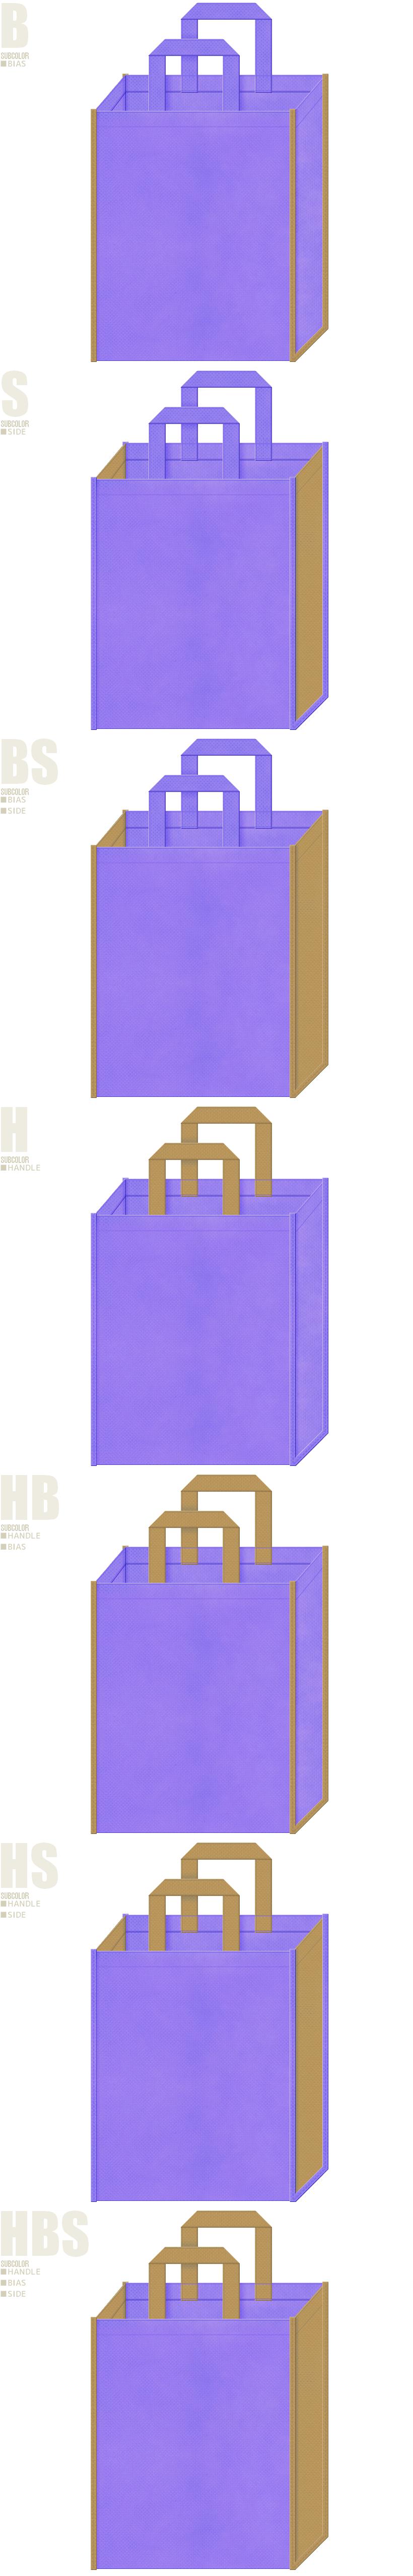 明るめの紫色と金色系黄土色、7パターンの不織布トートバッグ配色デザイン例。